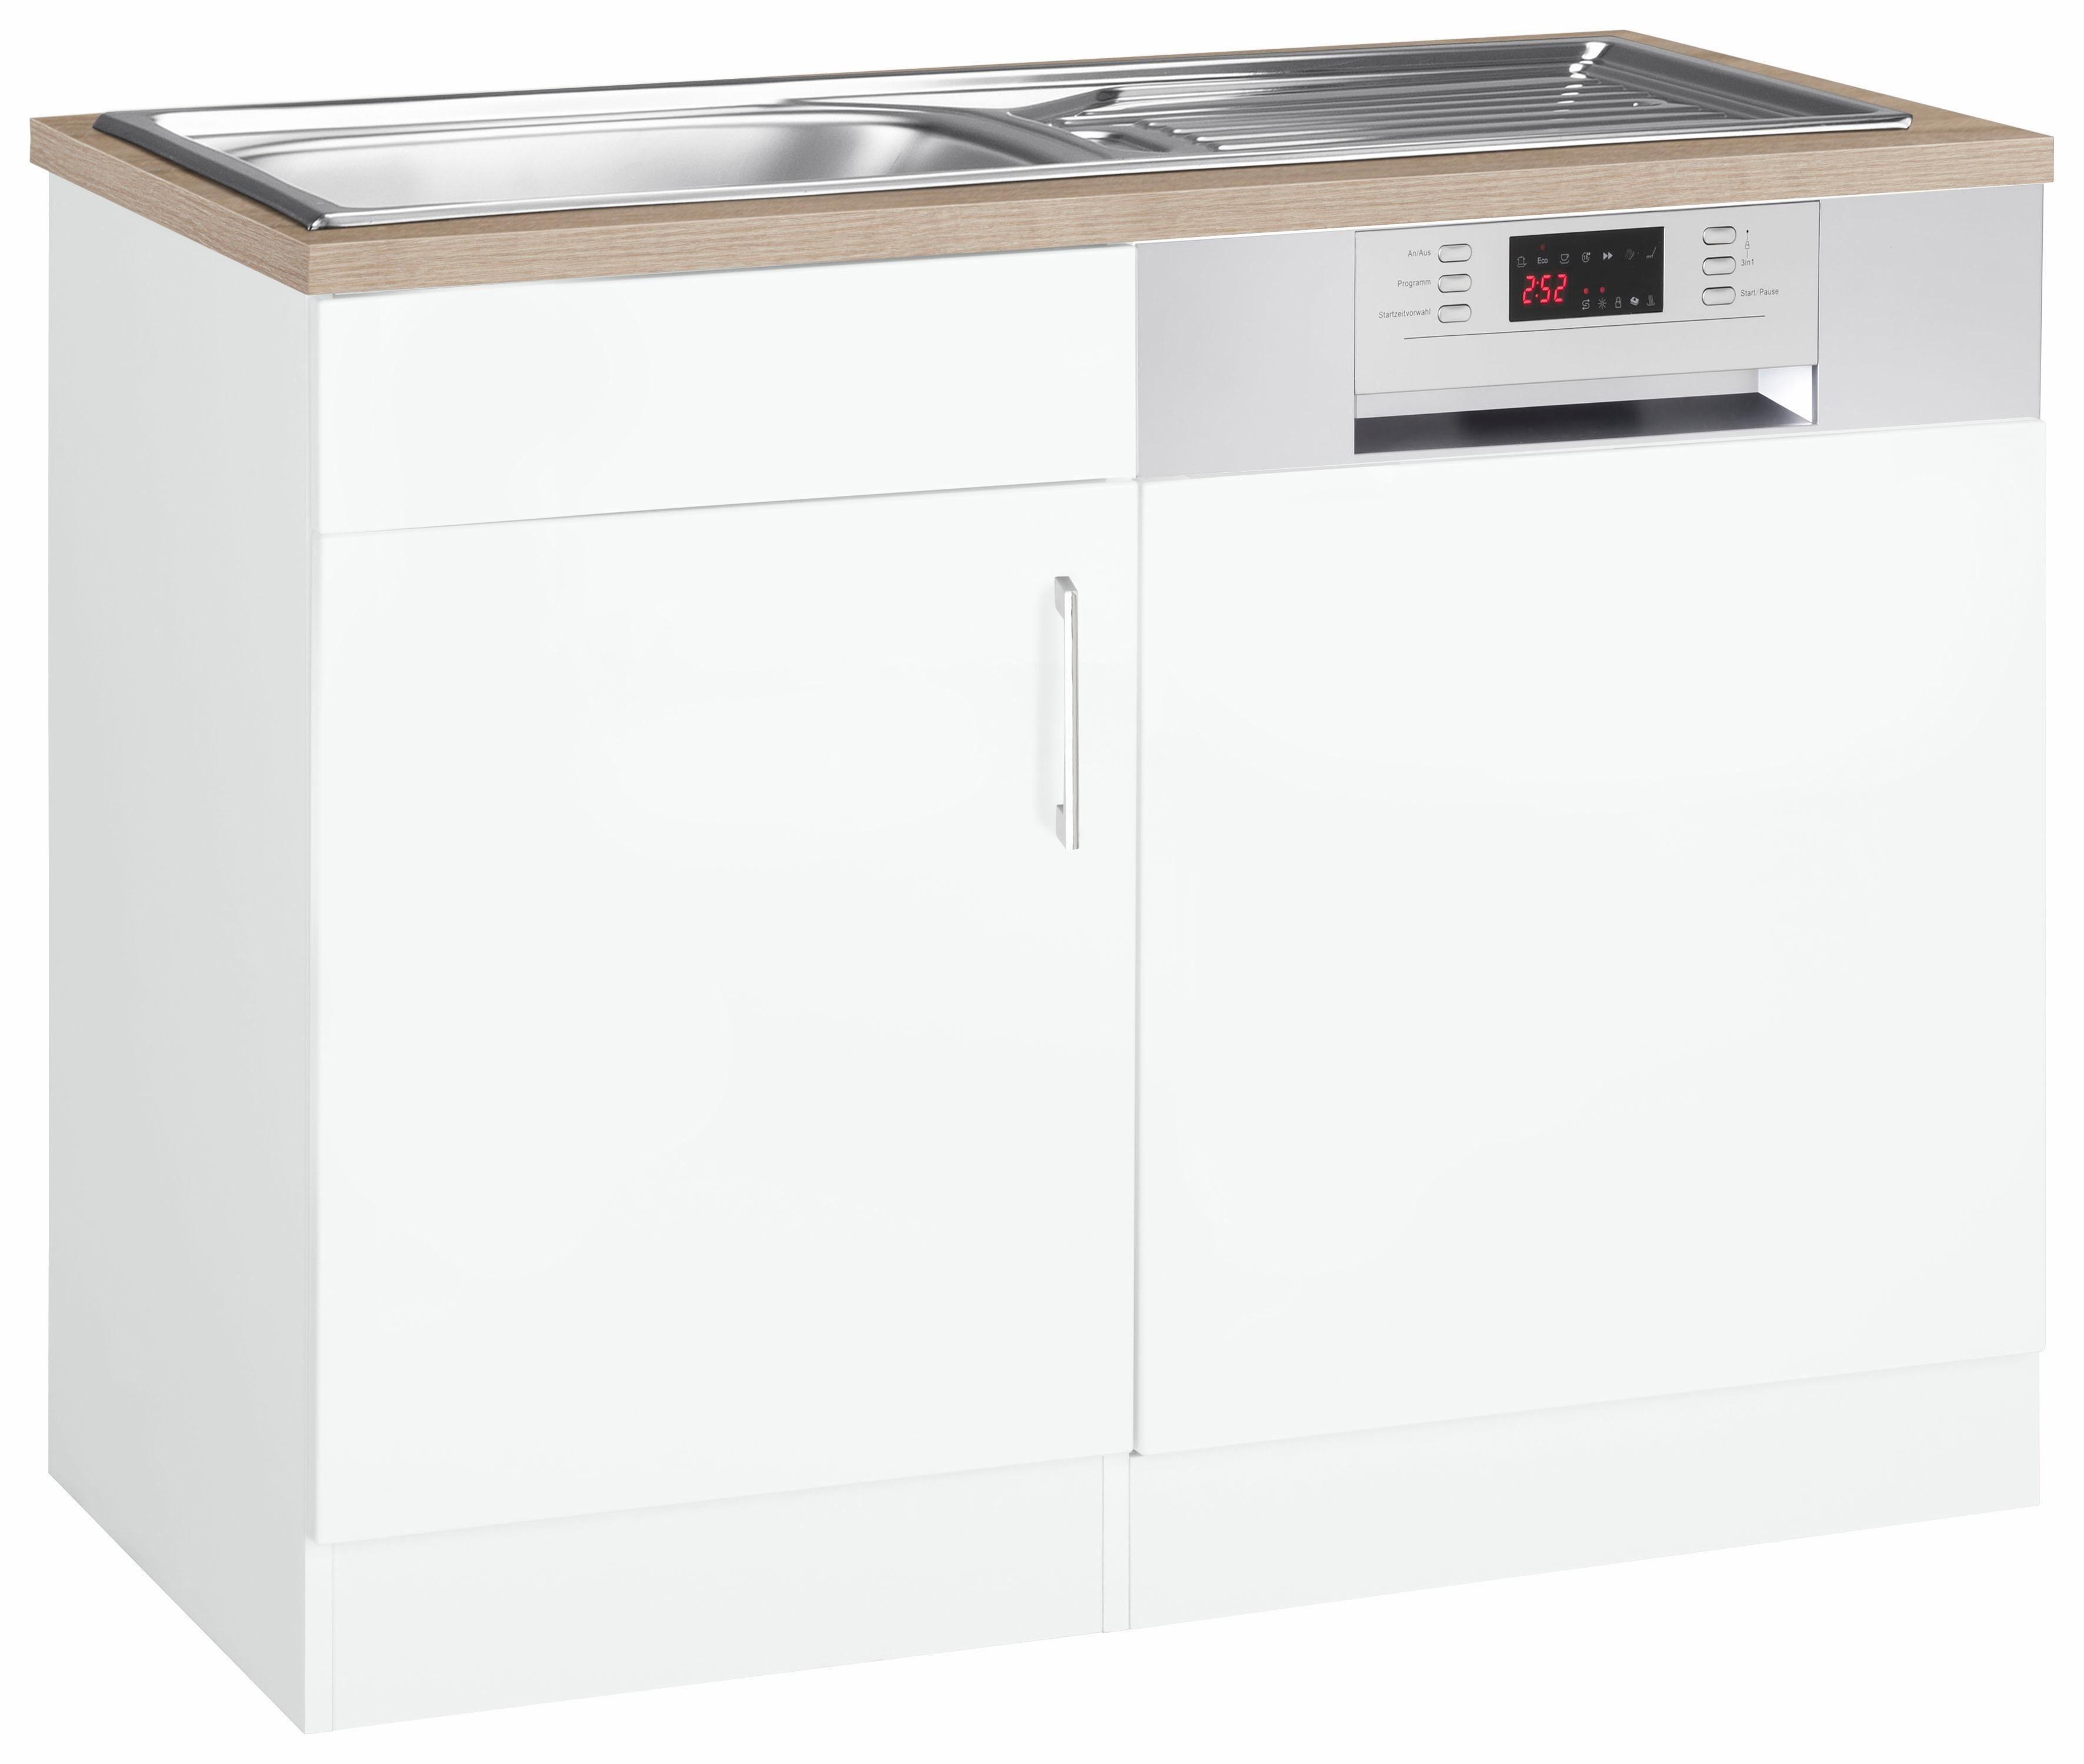 Gruen Spülenschränke online kaufen | Möbel-Suchmaschine | ladendirekt.de